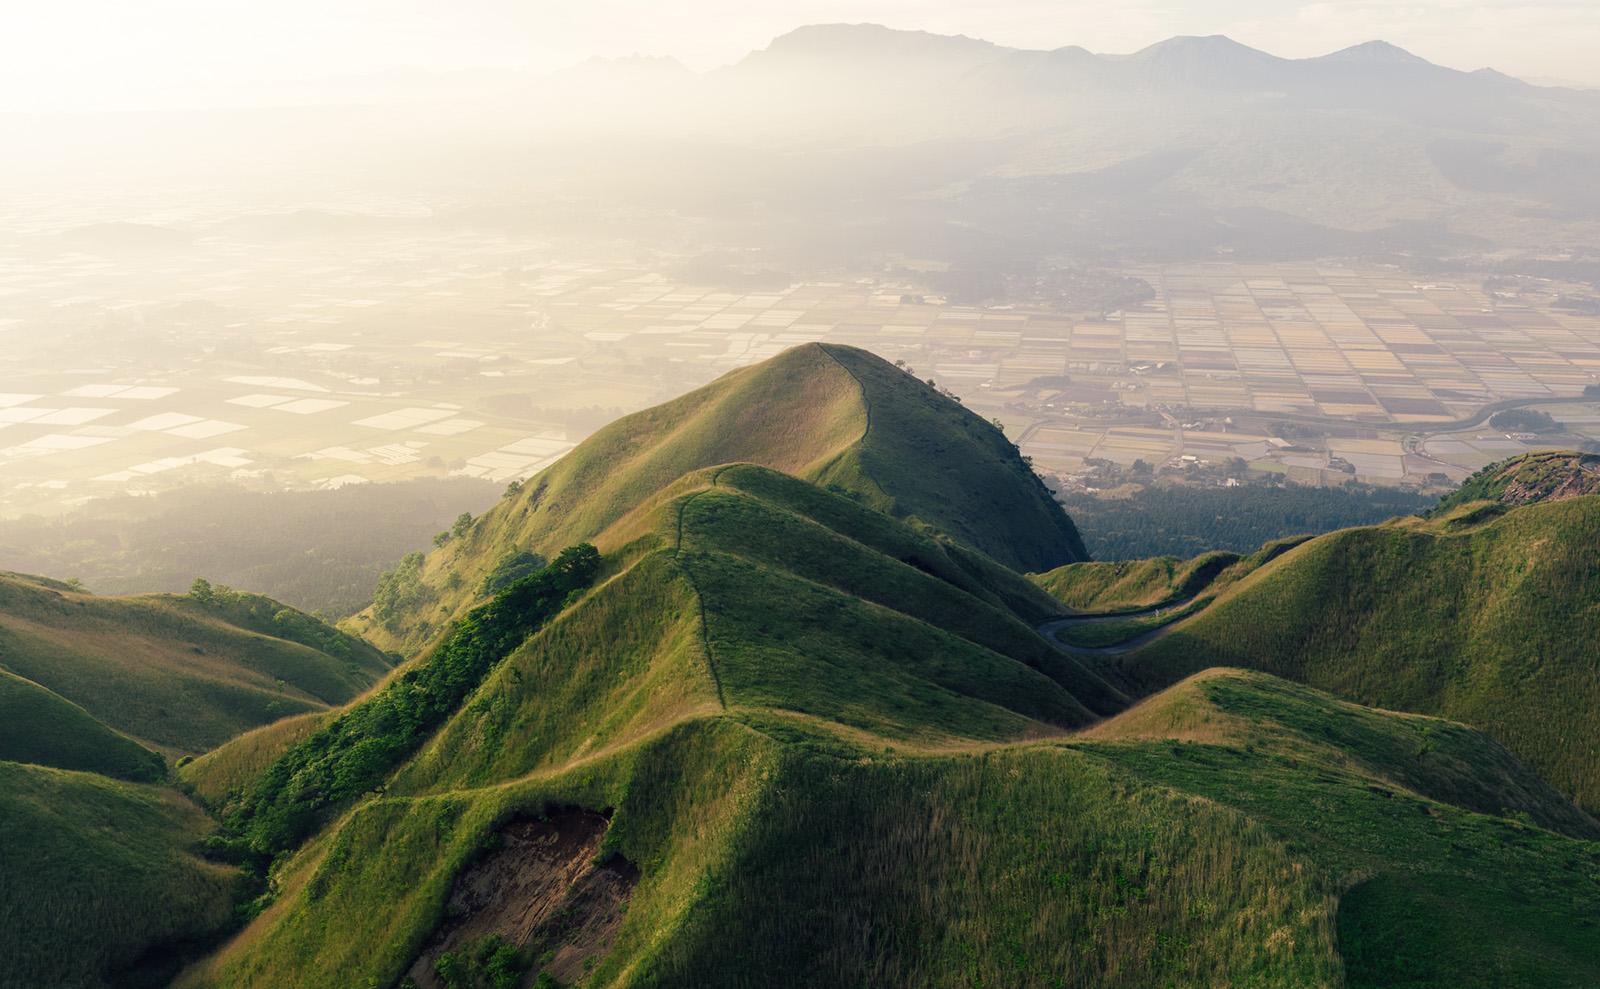 Mount Aso in Aso, Japan